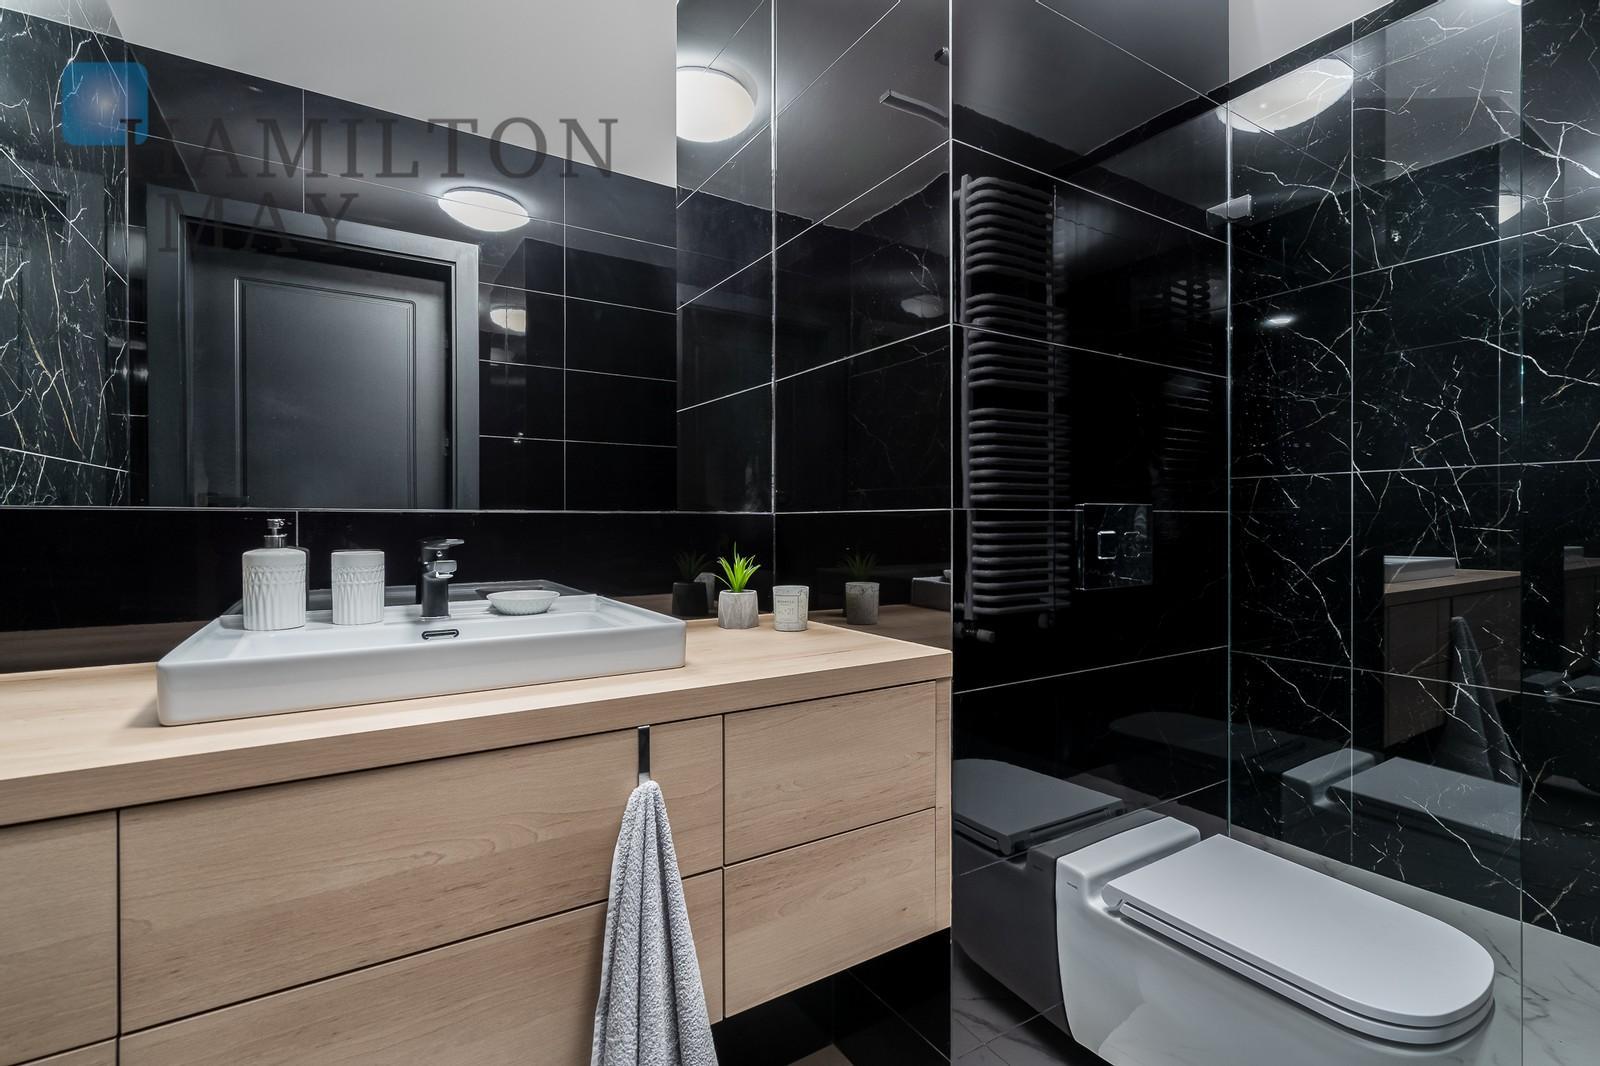 Jasne, stylowe mieszkanie z jedną sypialnią przy metrze Szwedzka Warszawa na wynajem